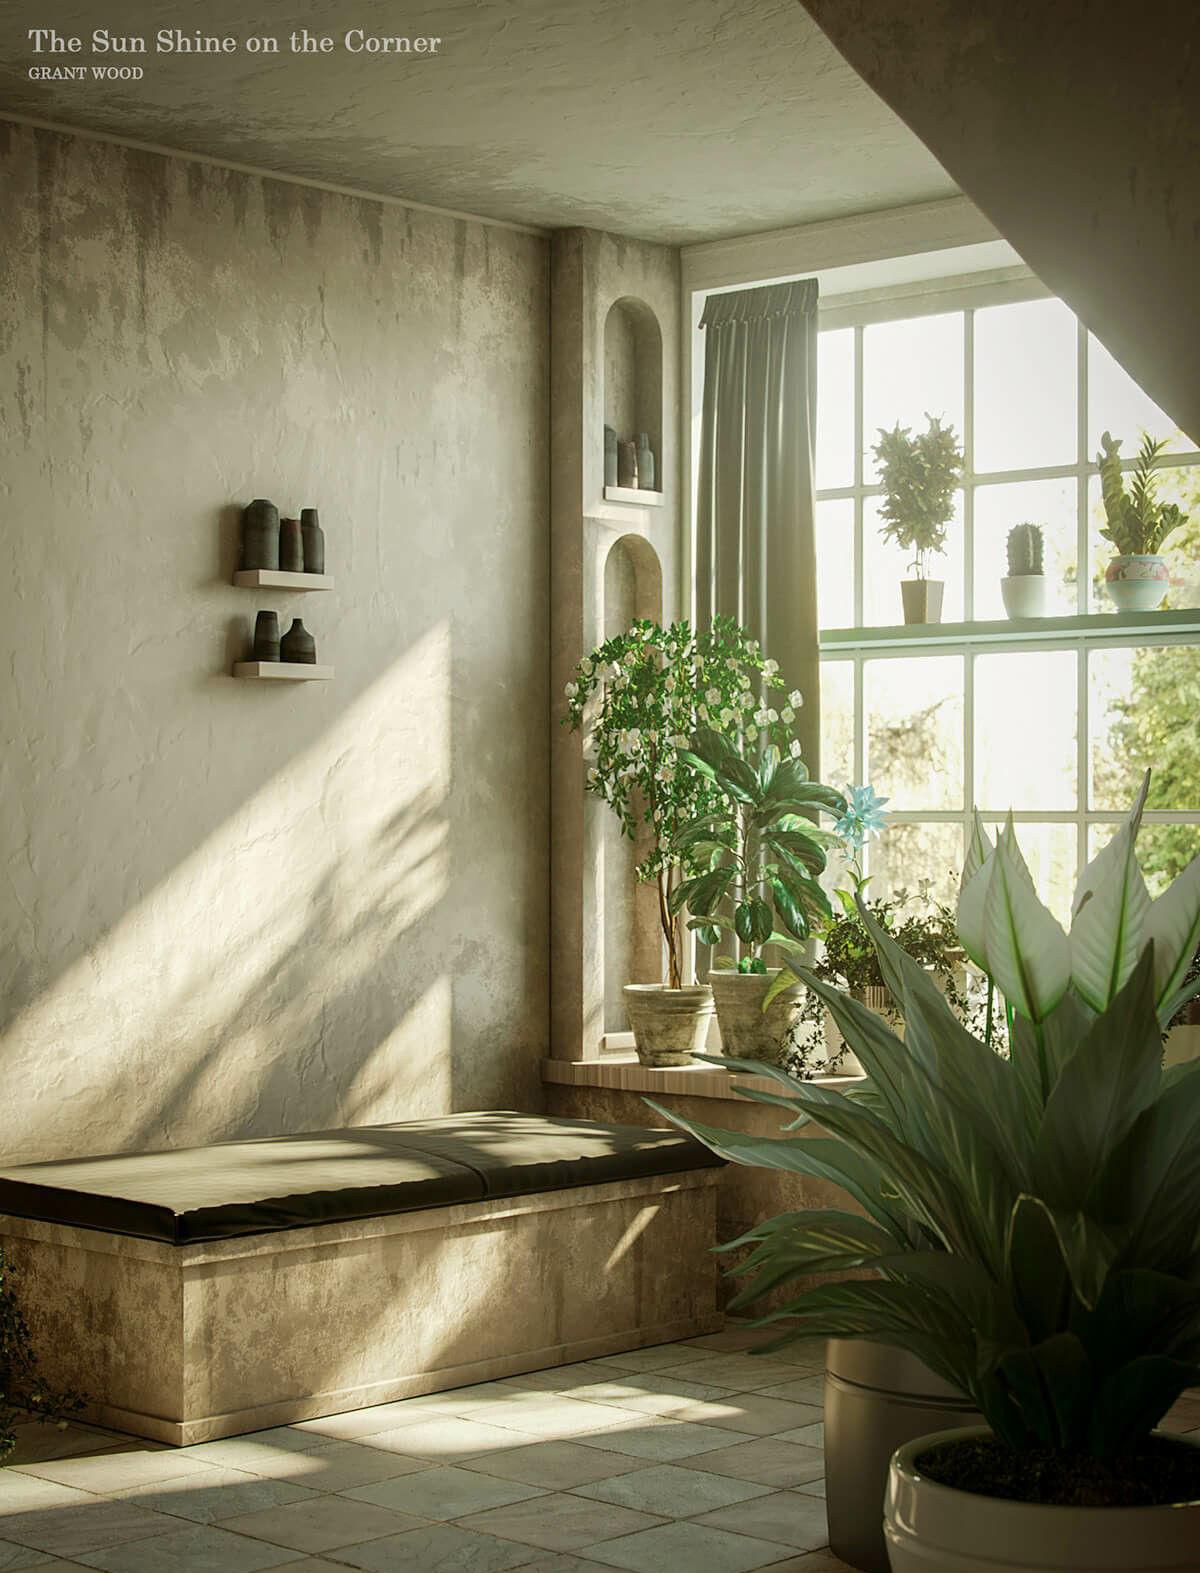 Живи как художник: дизайнеры воссоздали интерьеры с известных полотен